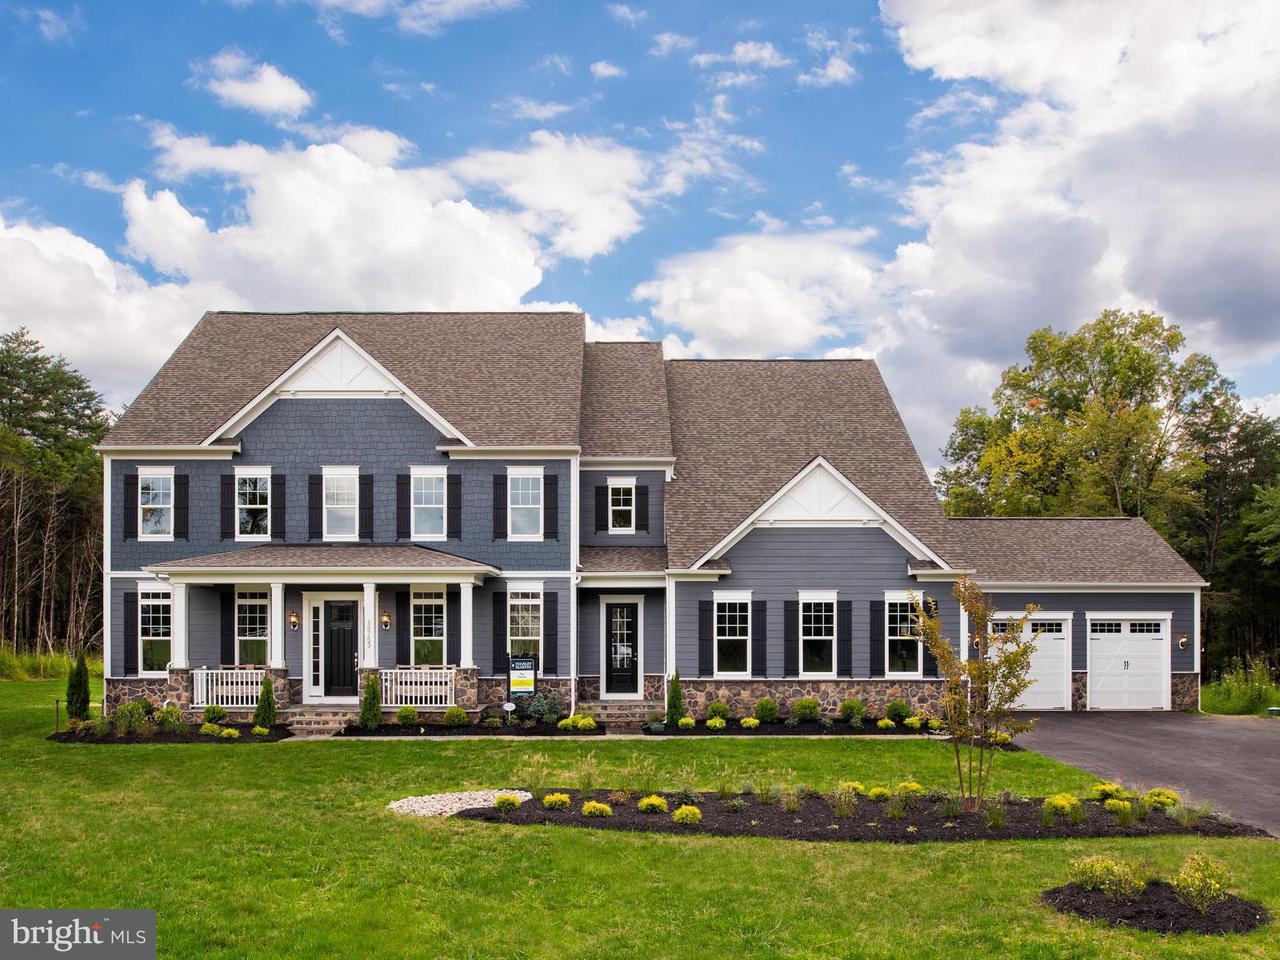 Частный односемейный дом для того Продажа на 16753 LORD SUDLEY Drive 16753 LORD SUDLEY Drive Centreville, Виргиния 20120 Соединенные Штаты